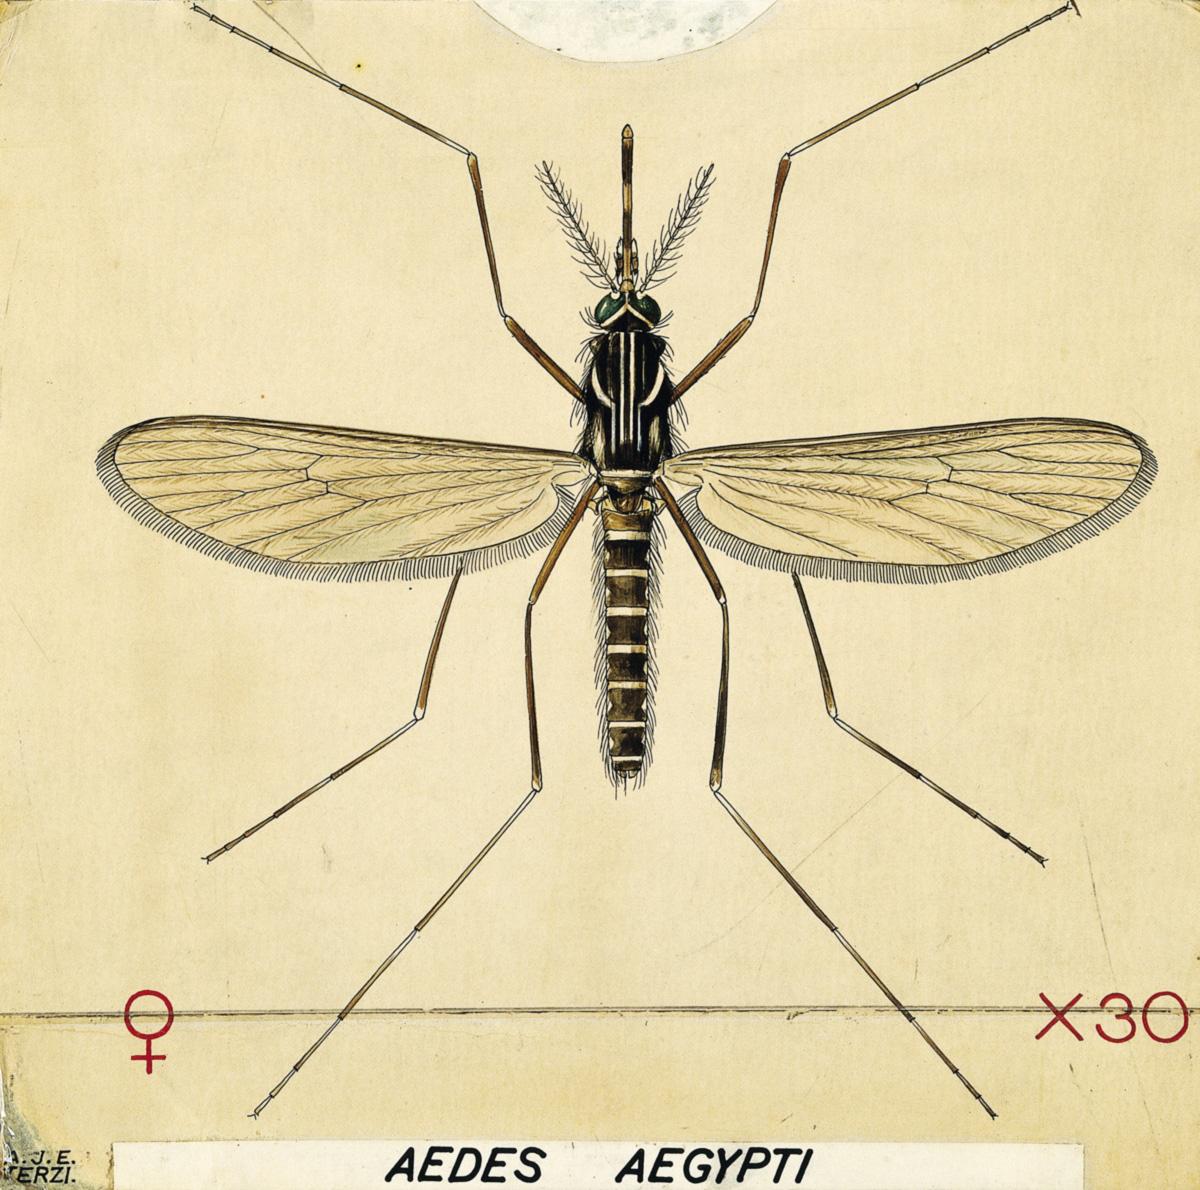 No laboratório úmido e fétido da Moscamed, na Bahia, são produzidos mosquitos para carregar genes fatais que matarão sua própria cria. O objetivo é controlar a população